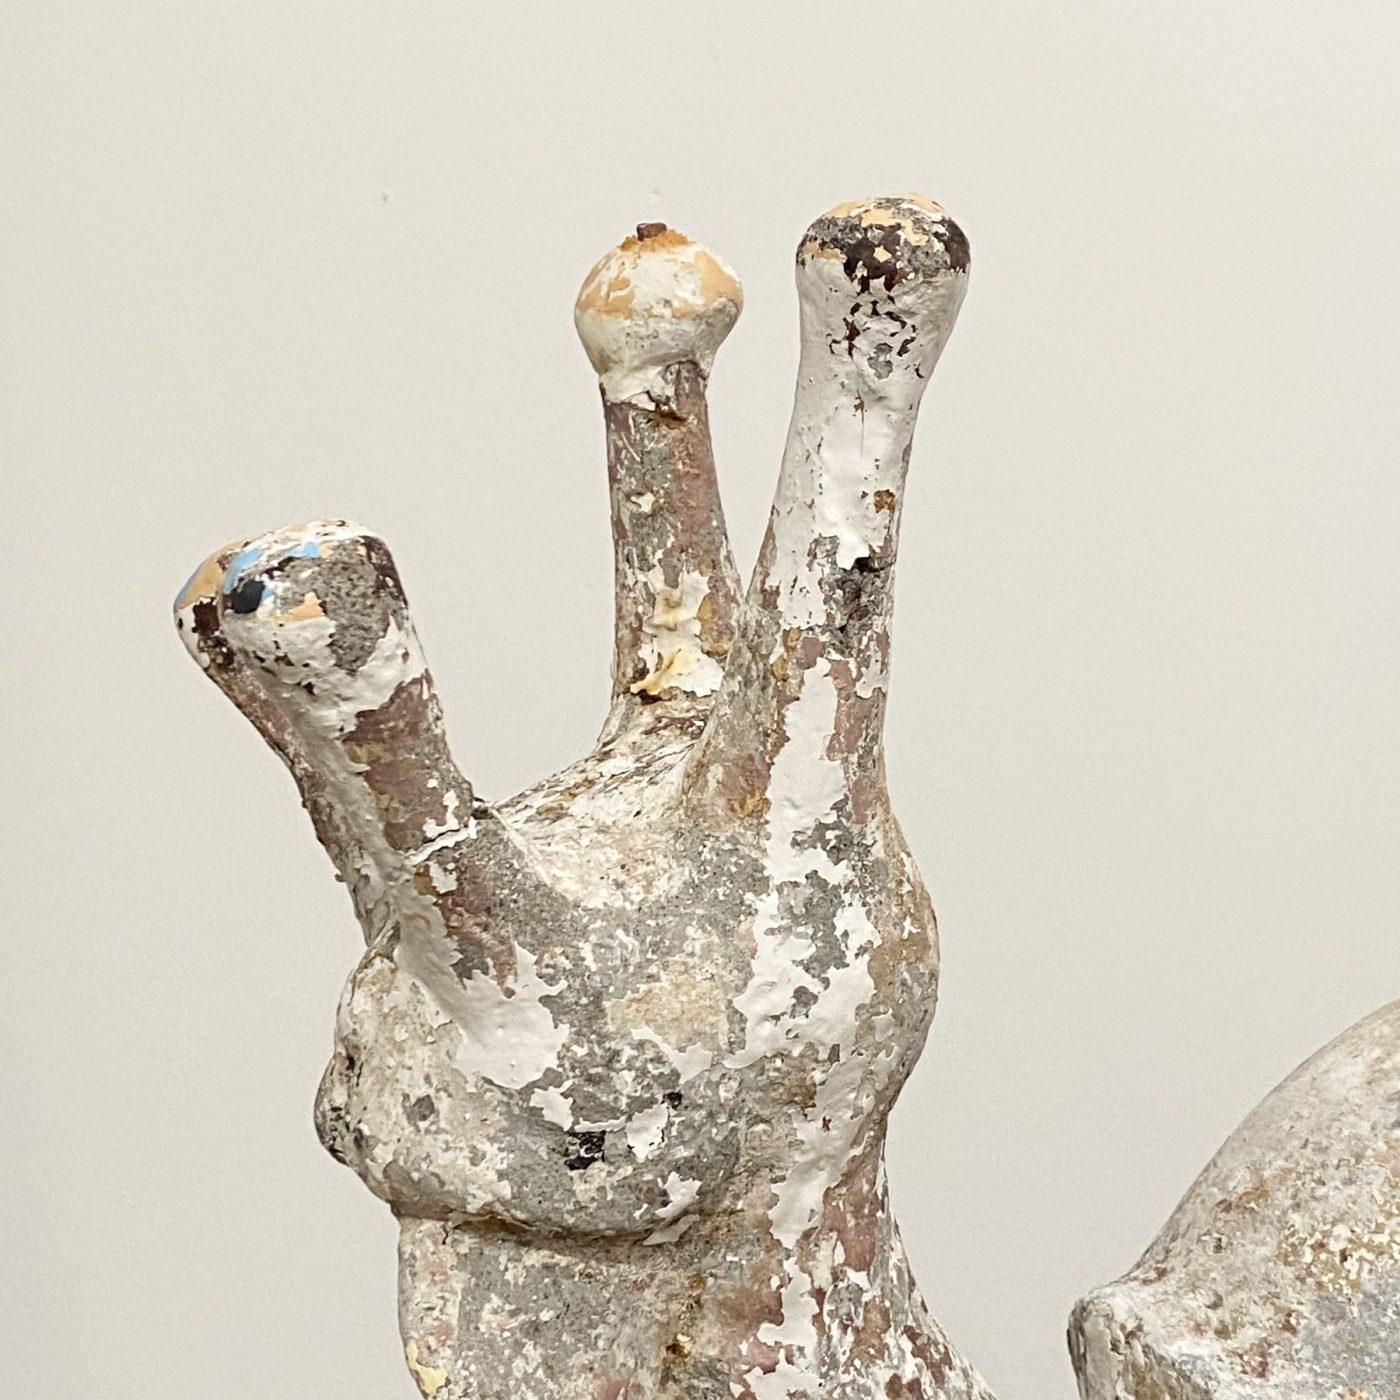 objet-vagabond-concrete-sculpture0003